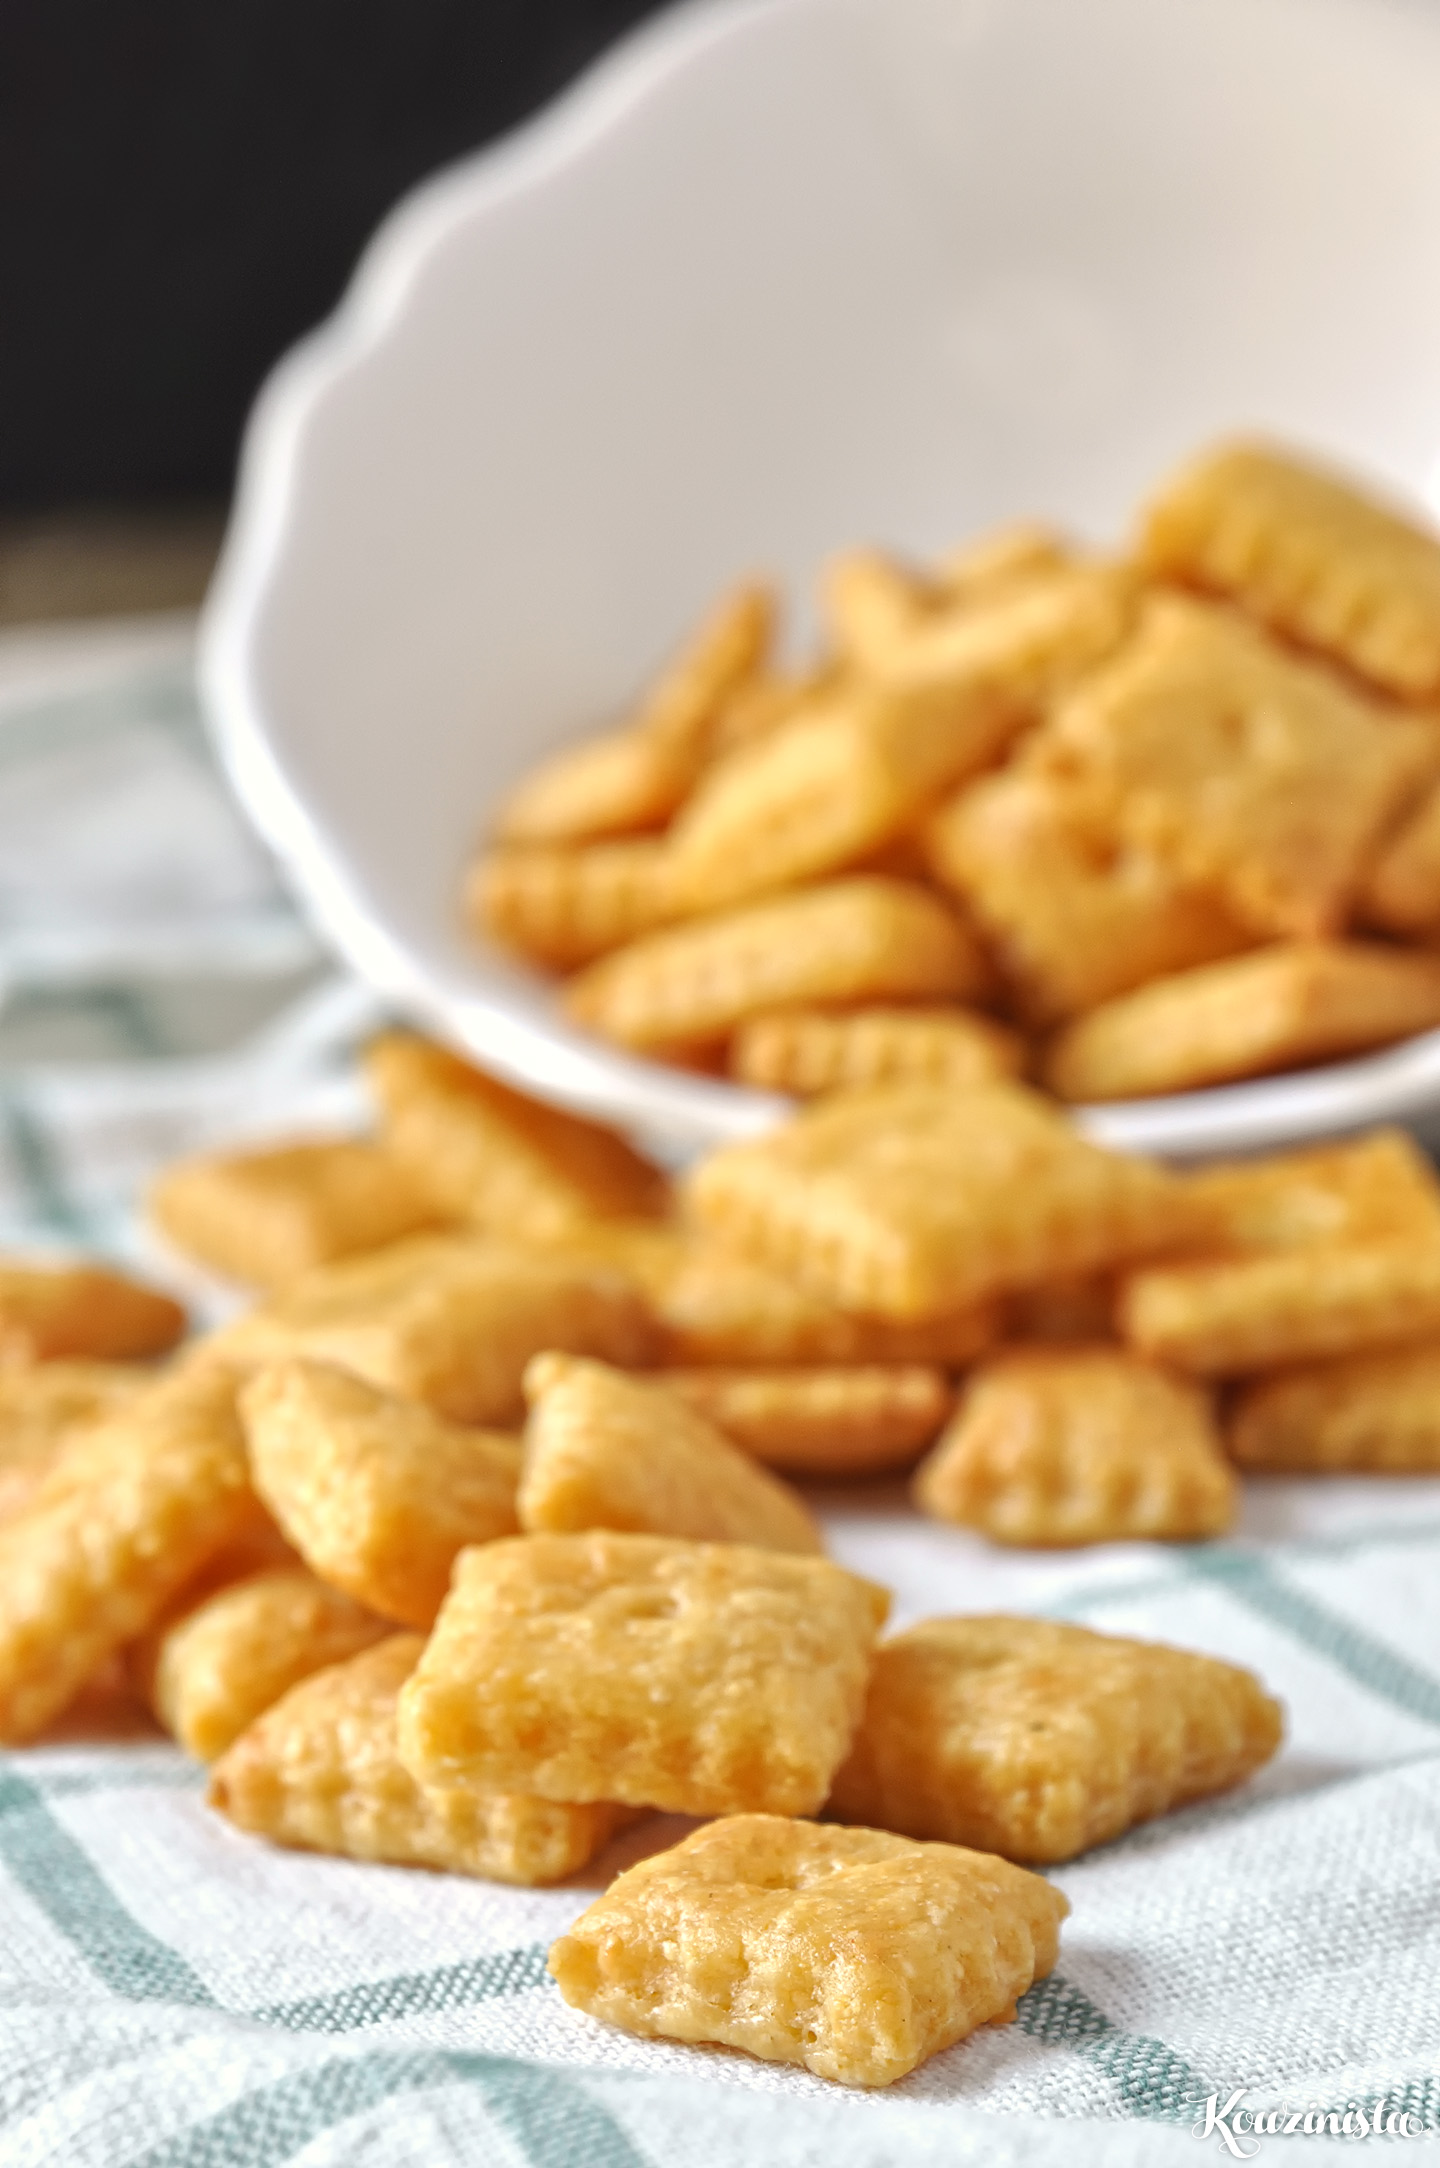 Σπιτικά κρακεράκια τυριού / Homemade cheese crackers